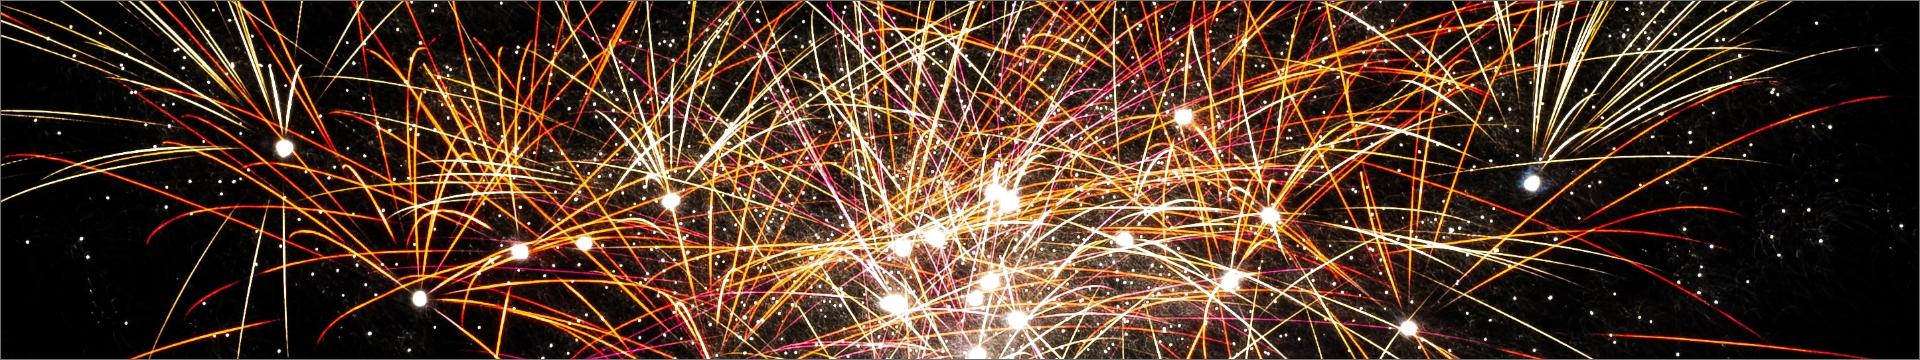 Hình ảnh pháo hoa -21chemical